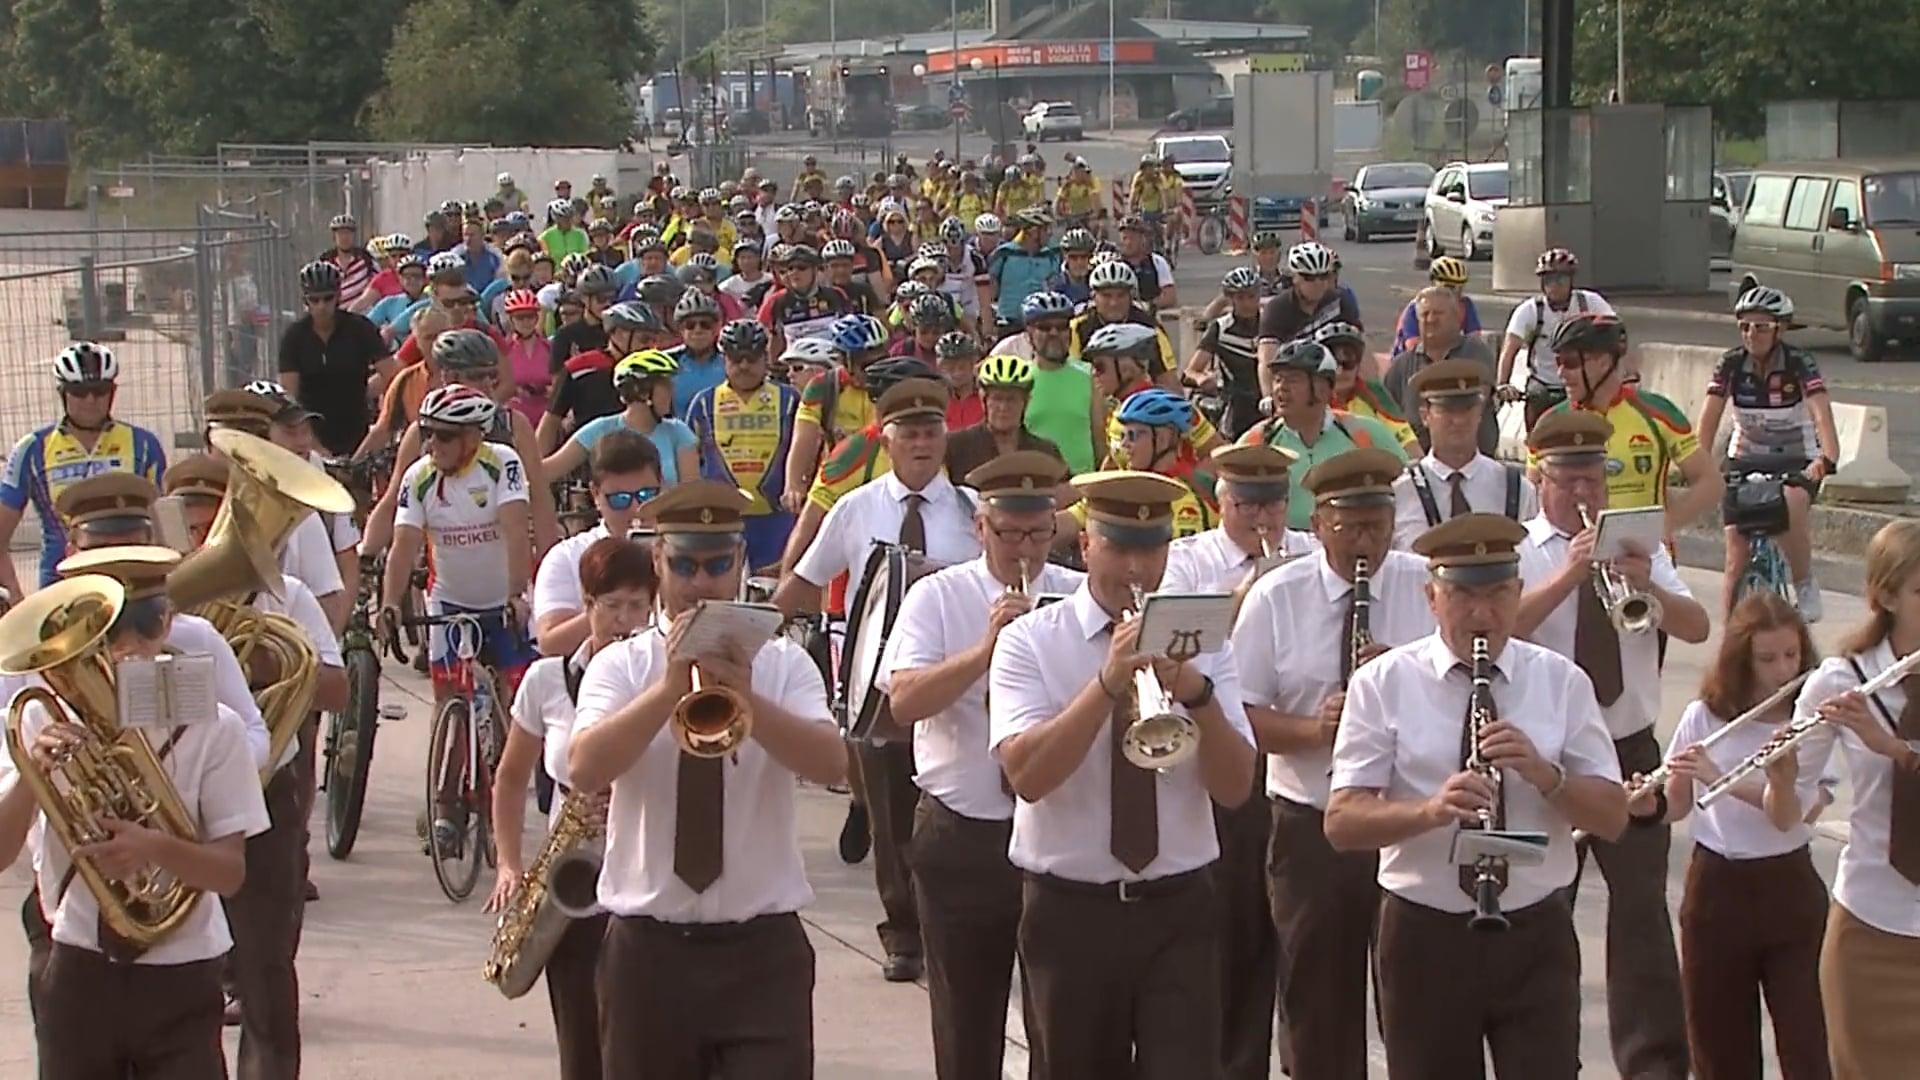 Slovensko avstrijsko druženje na kolesih